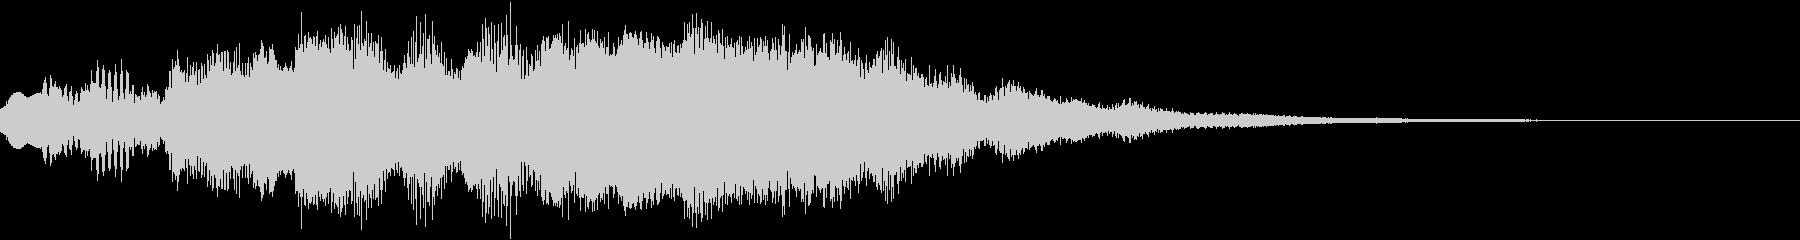 神秘的なクリスタル音04- ジングルCMの未再生の波形